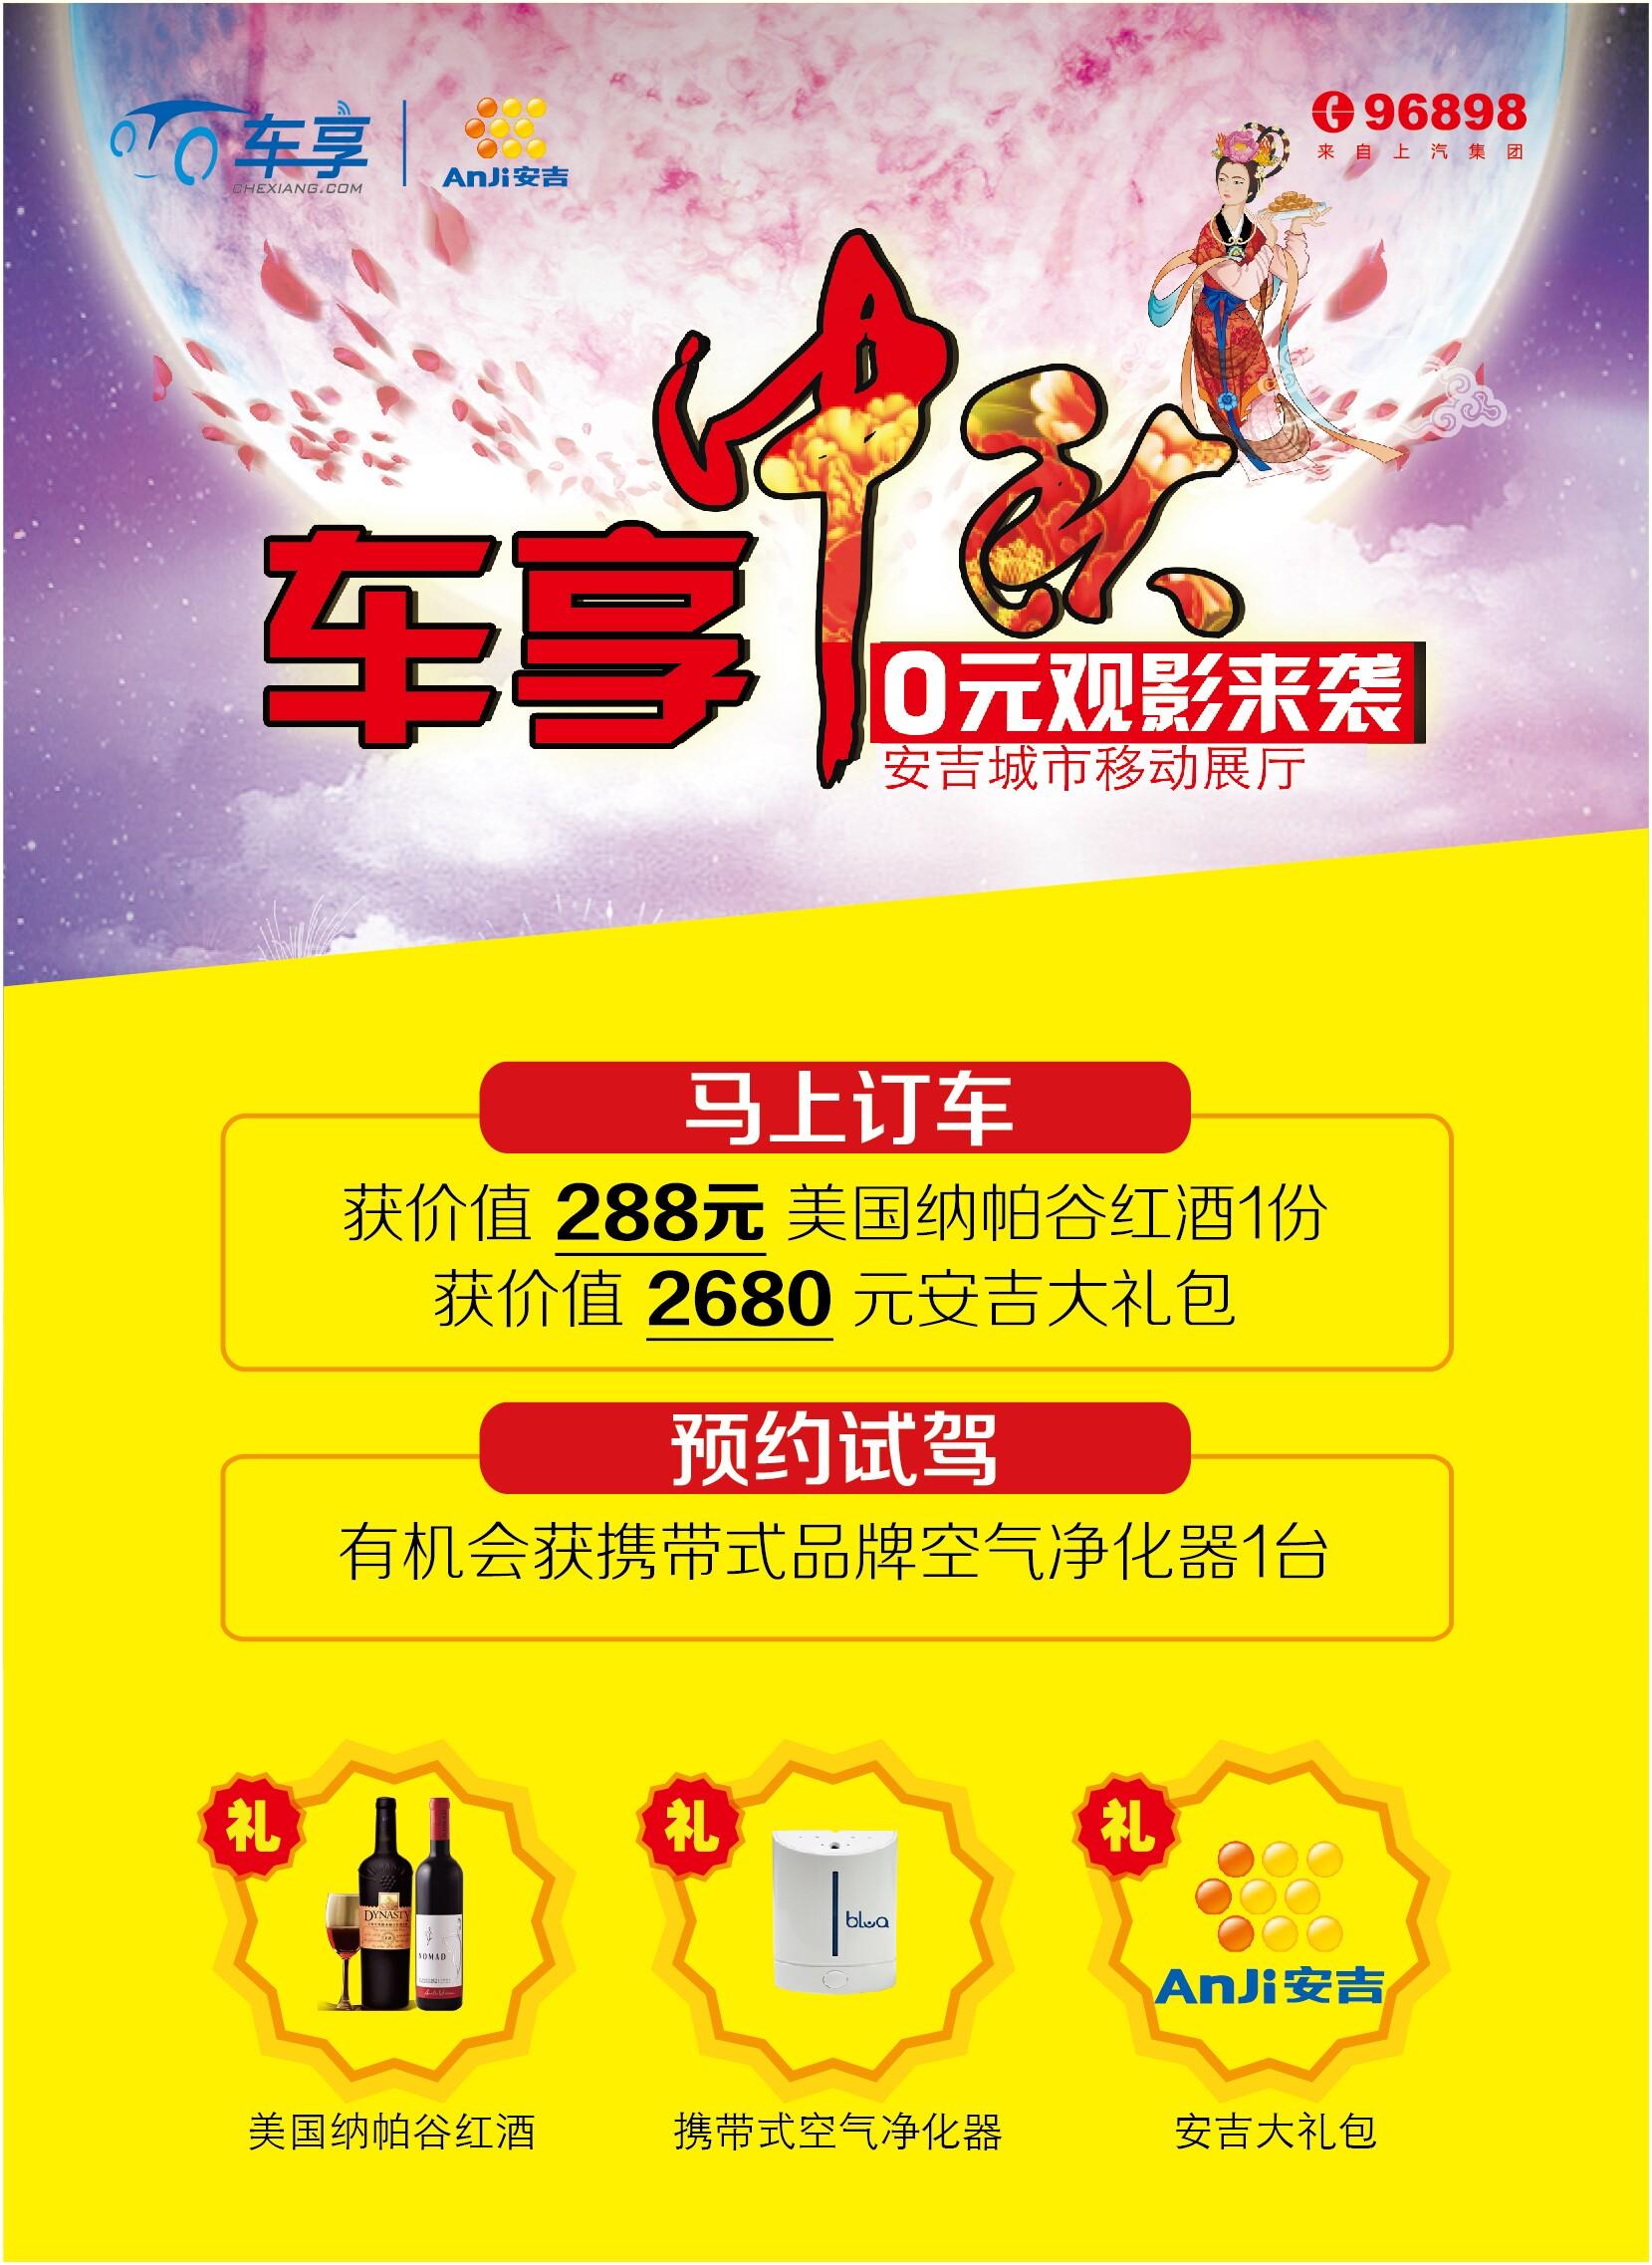 上海安吉汽车销售有限公司_金九银十,感恩金秋,安吉月